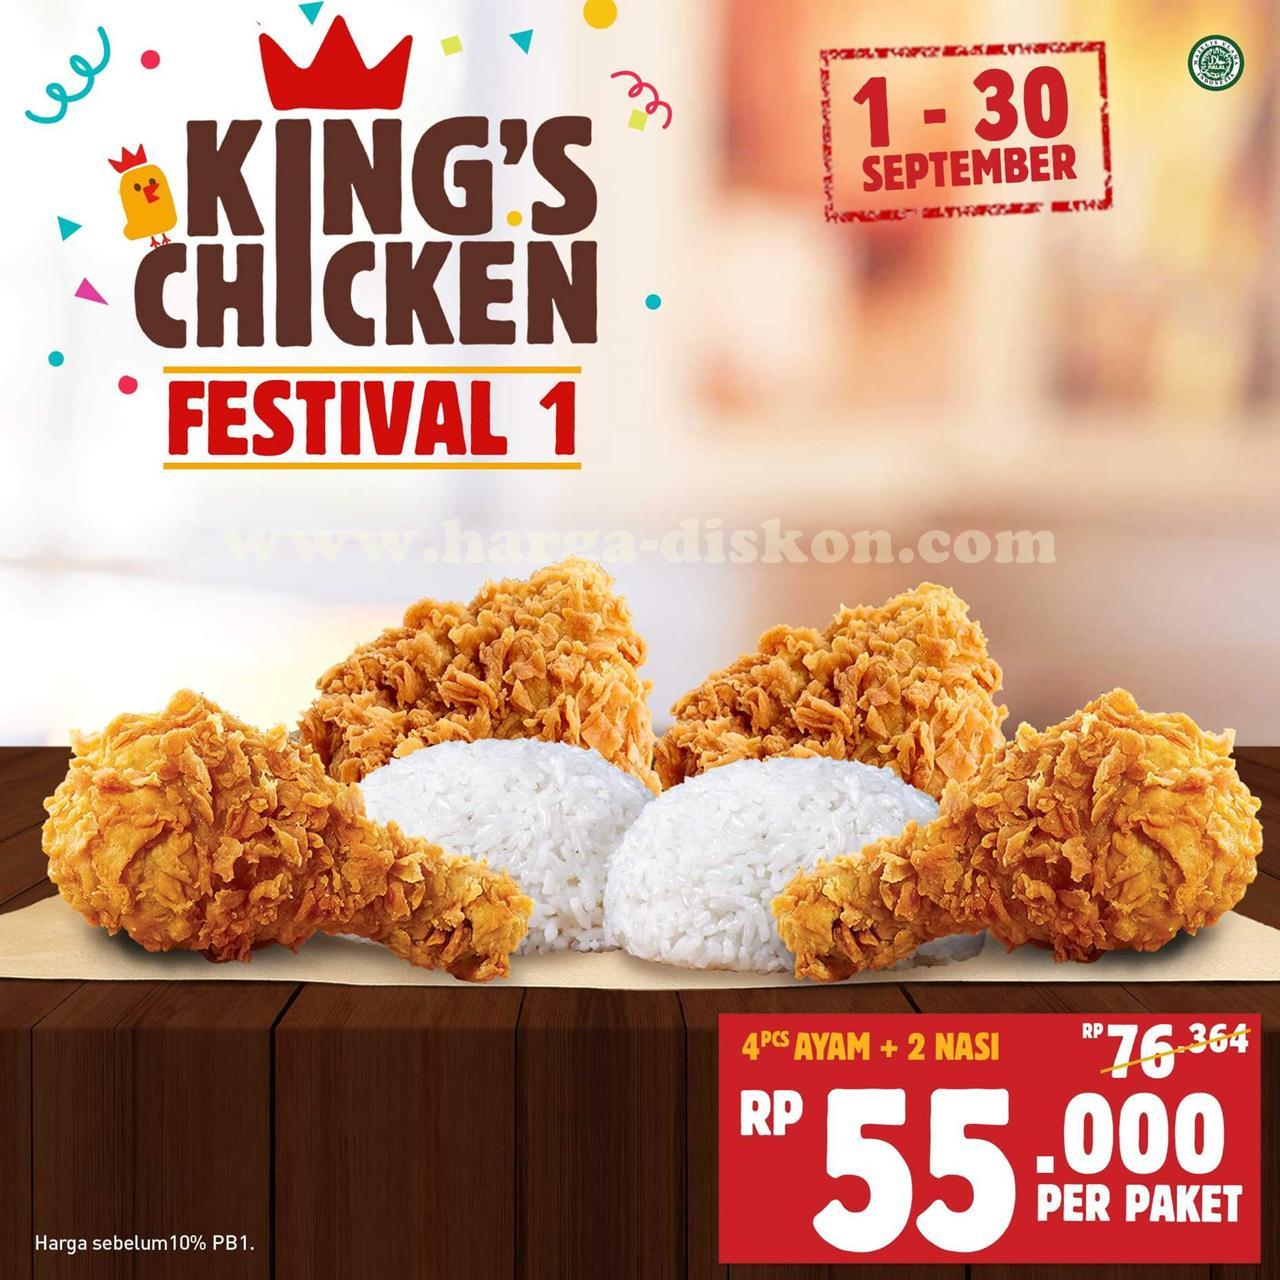 Promo Burger King Terbaru King S Chicken Festival Periode 1 30 September 2018 Harga Diskon